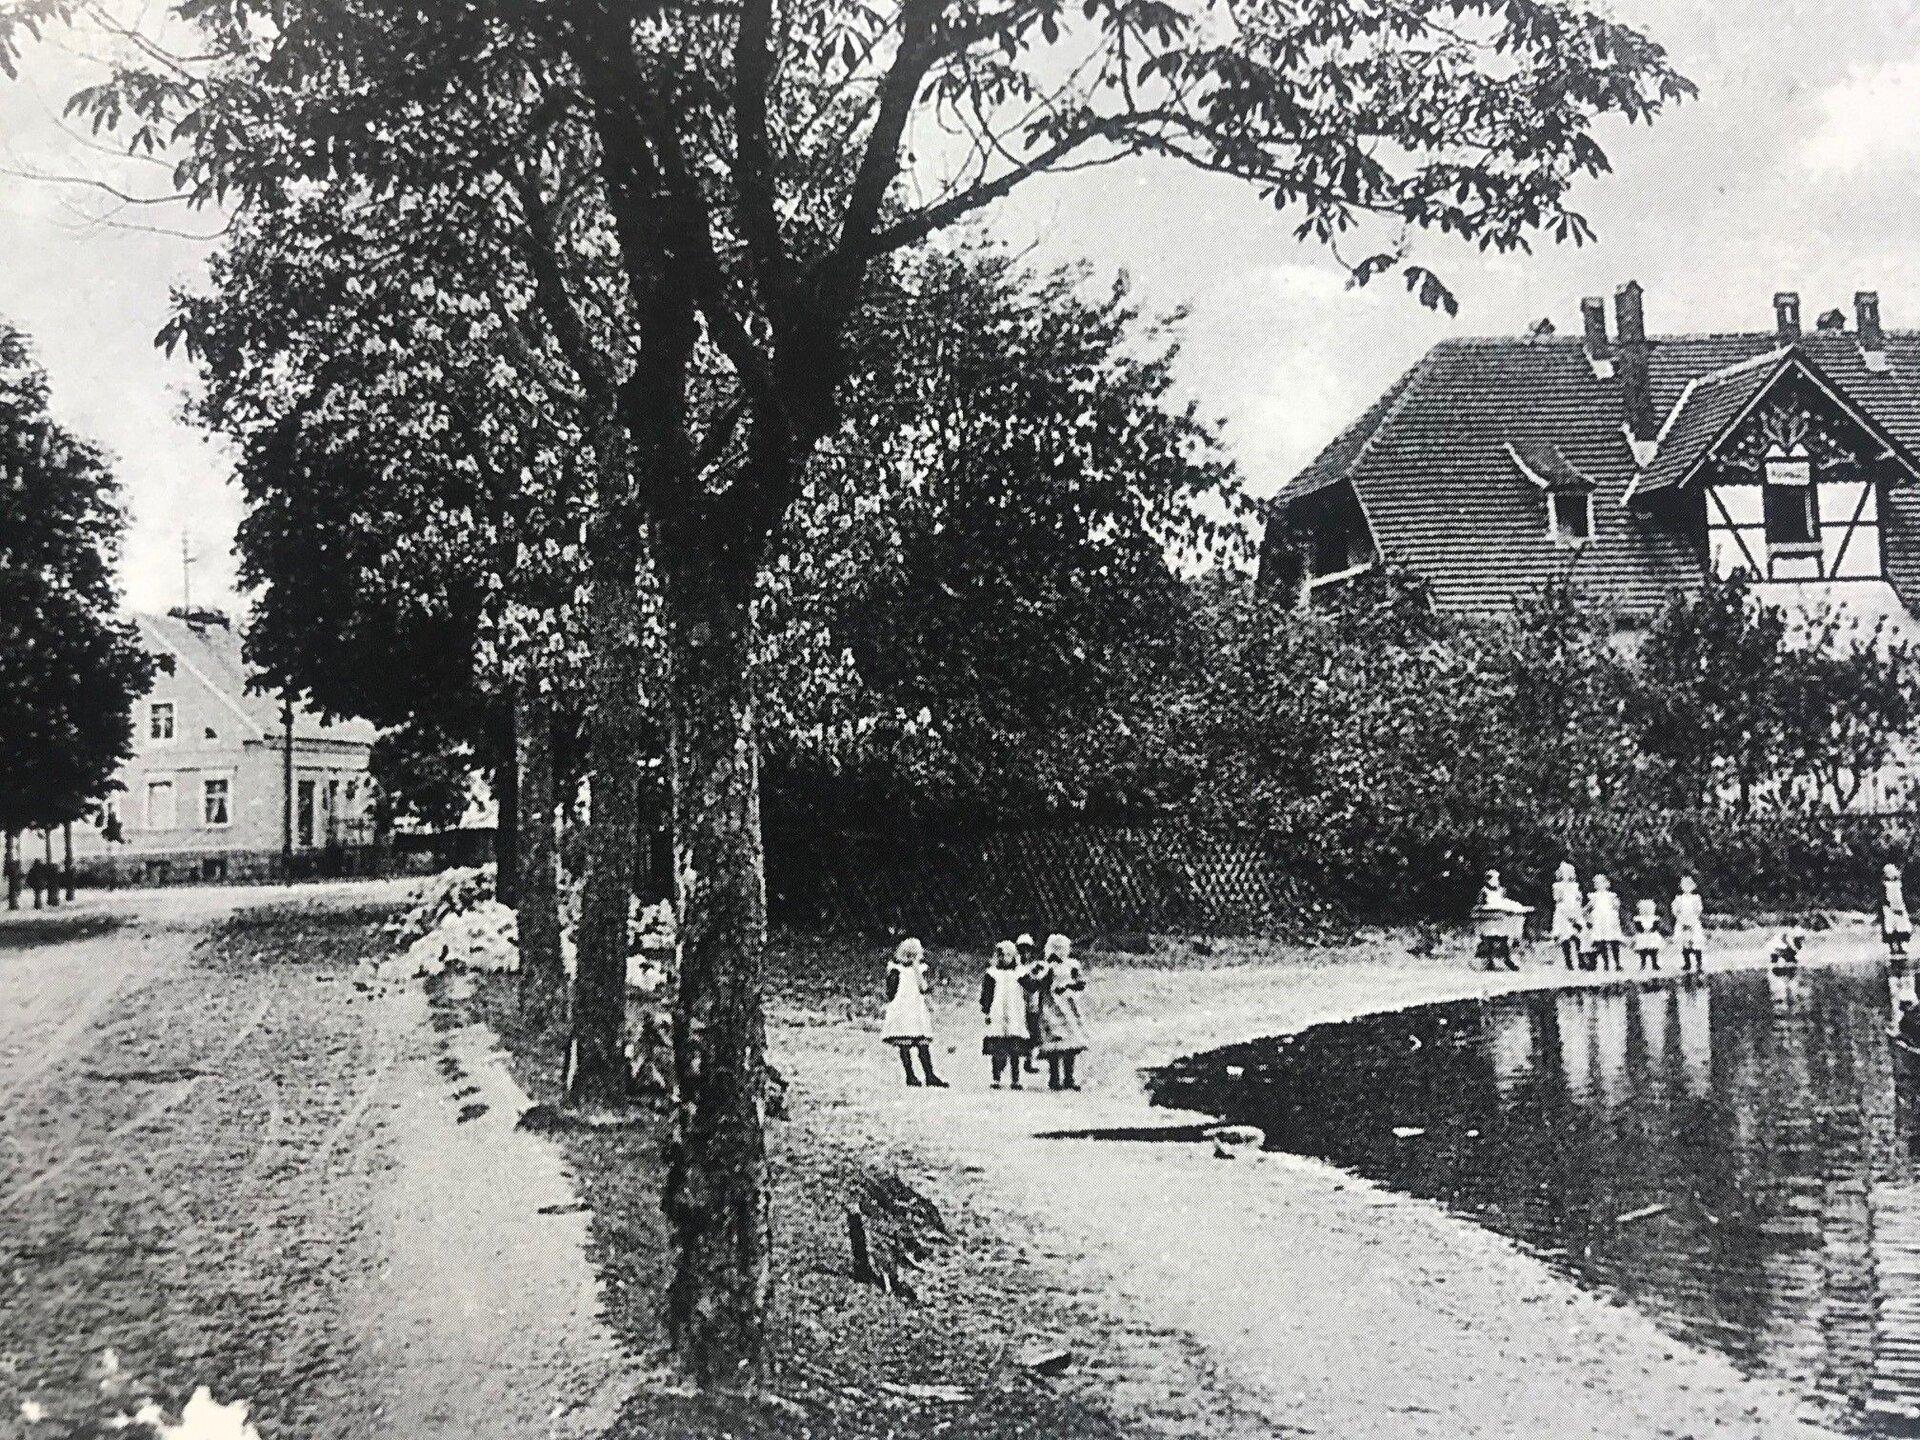 Unser Bild zeigt den Falkenhagener Anger mit Dorfteich. Dieser hatte im Jahr 1910 genügend Wasser, so dass zur Belustigung der Dorfjugend acuh Kahnfahrten möglich waren (Quelle: Museum und Galerie Falkensee).